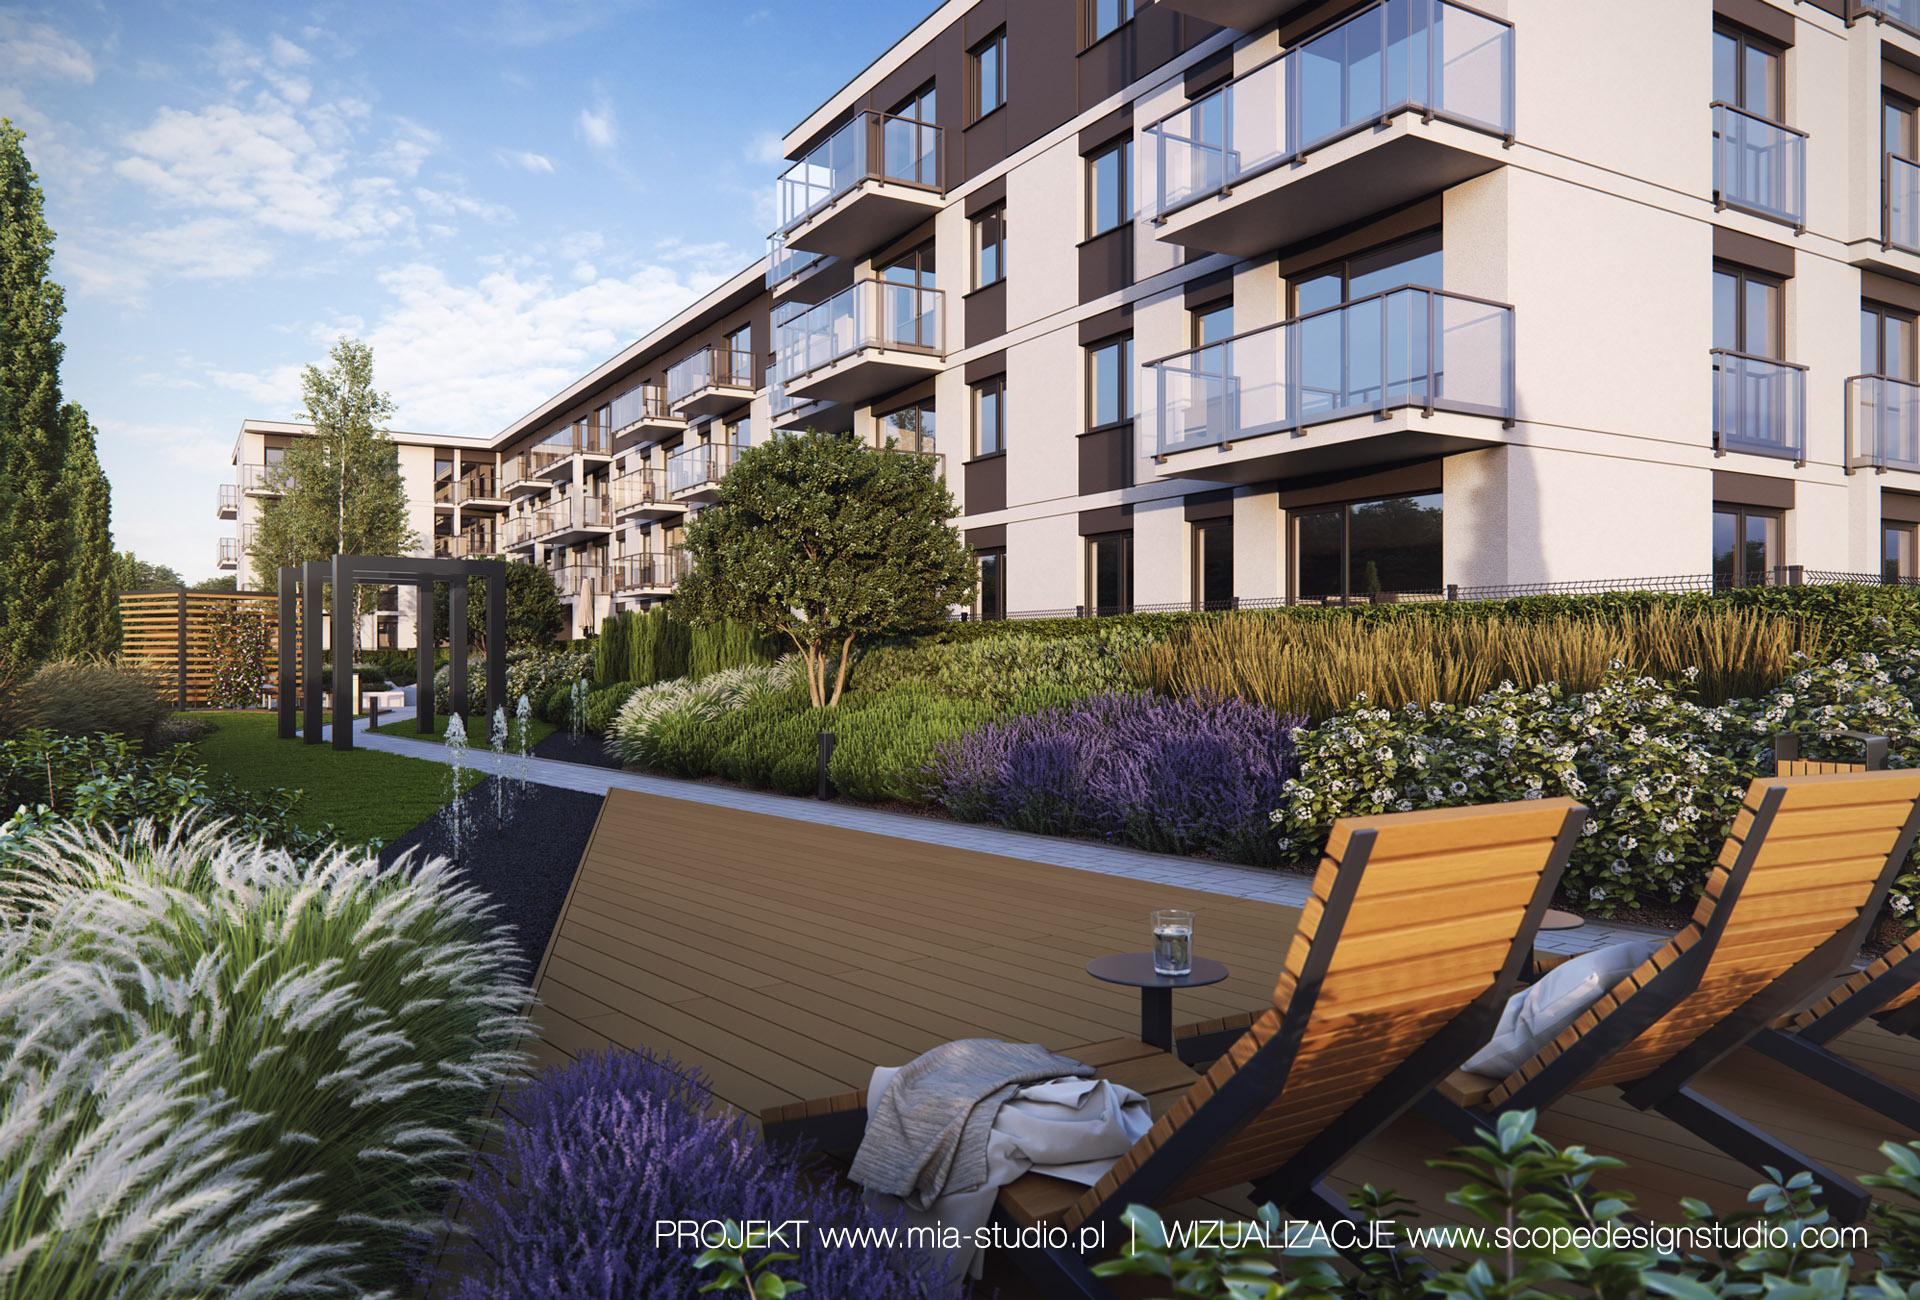 projektowanie zieleni osiedlowej